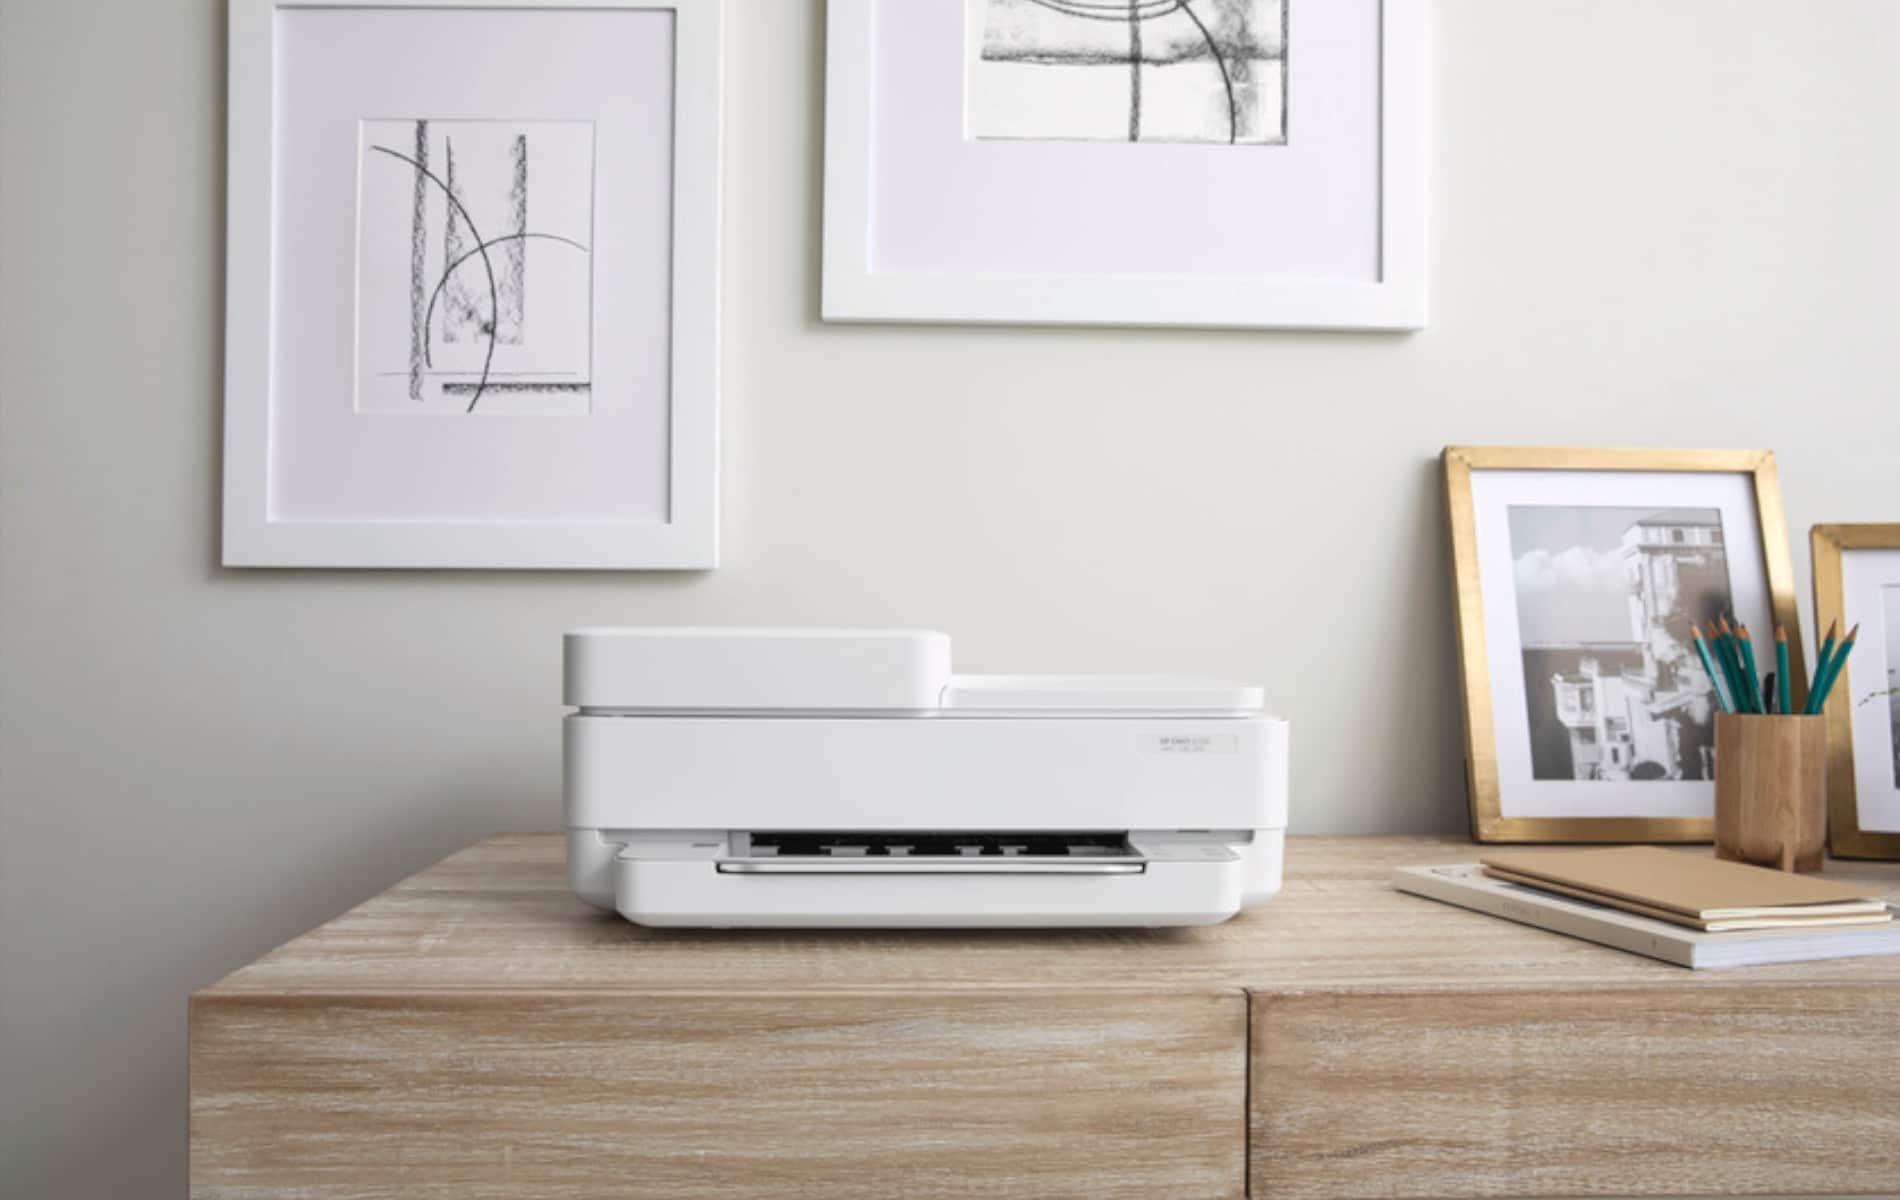 Kleine Drucker - Die richtige Wahl nach einem kleinen Drucker spart viel Geld und Nerven